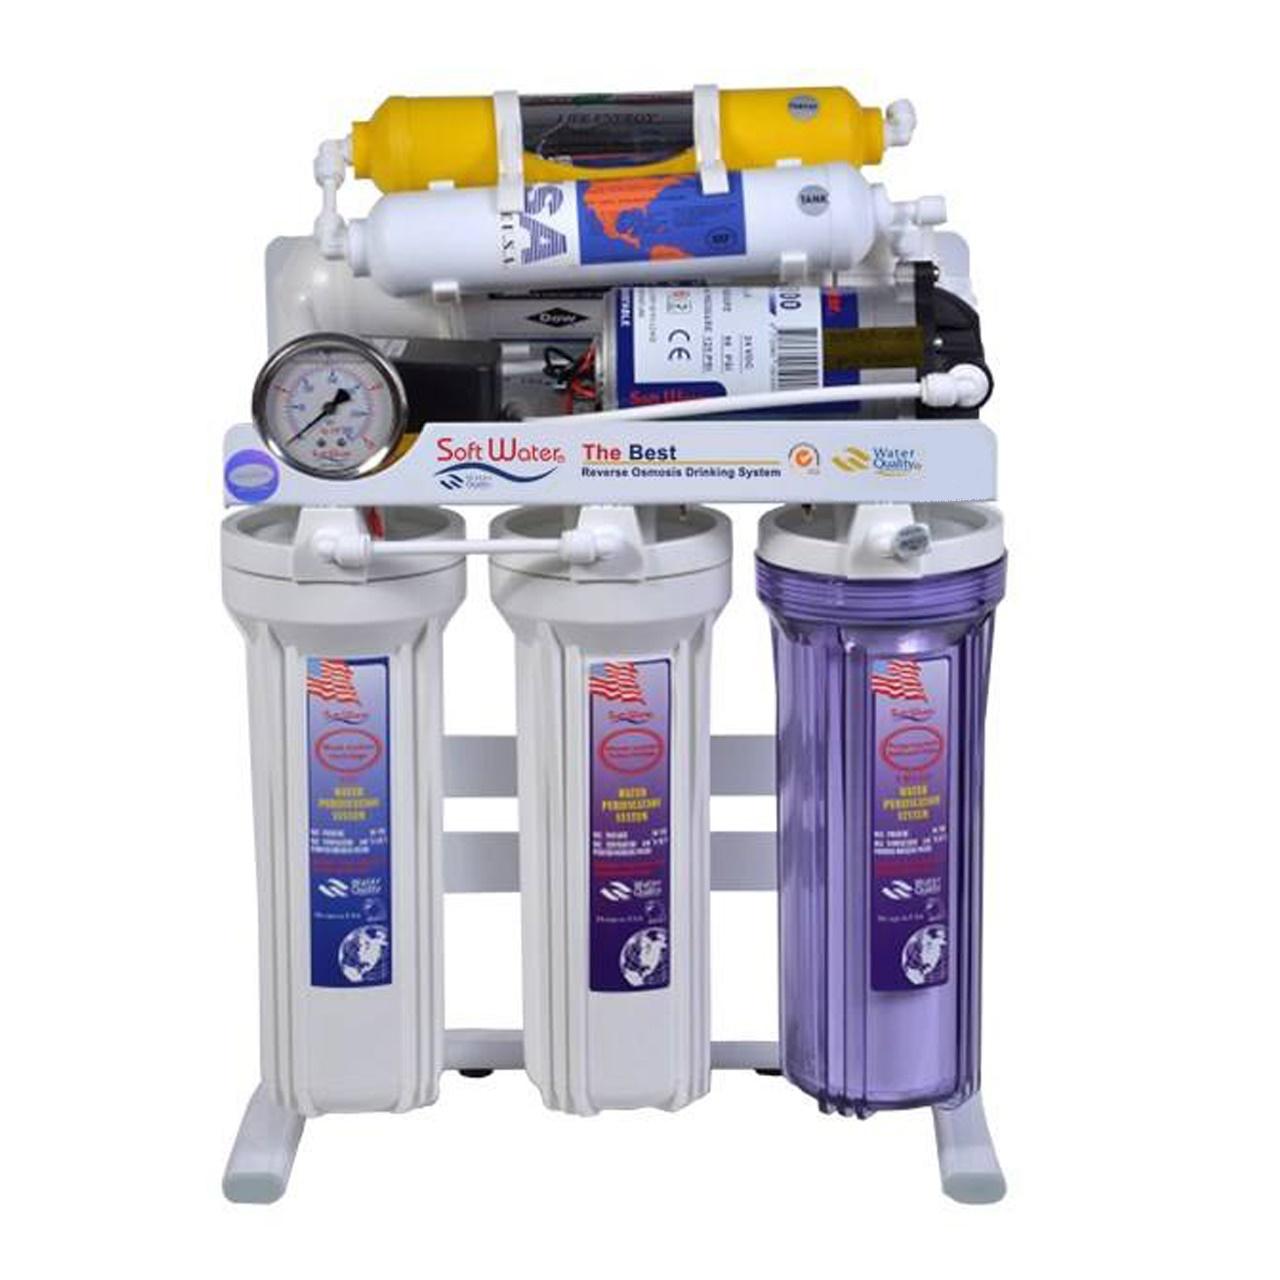 دستگاه تصفیه کننده آب سافت واتر مدل JW